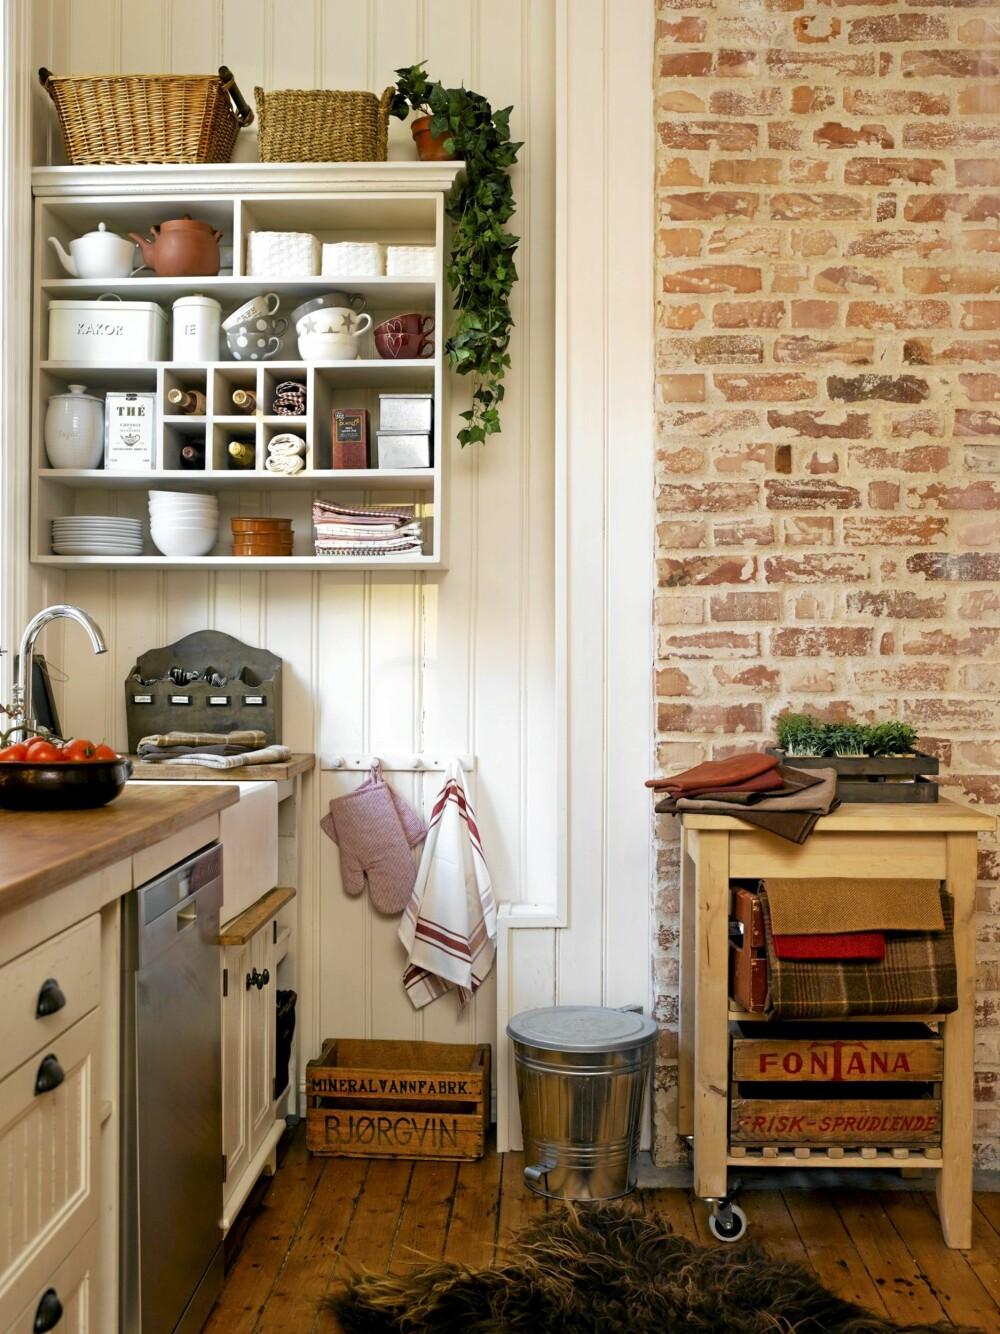 MURVEGG: En rød murvegg passer perfekt på et rustikt kjøkken og passer godt til røft treverk. Rødfargen kan hentes frem i detaljer og tekstiler. Stylet av Elin Scott